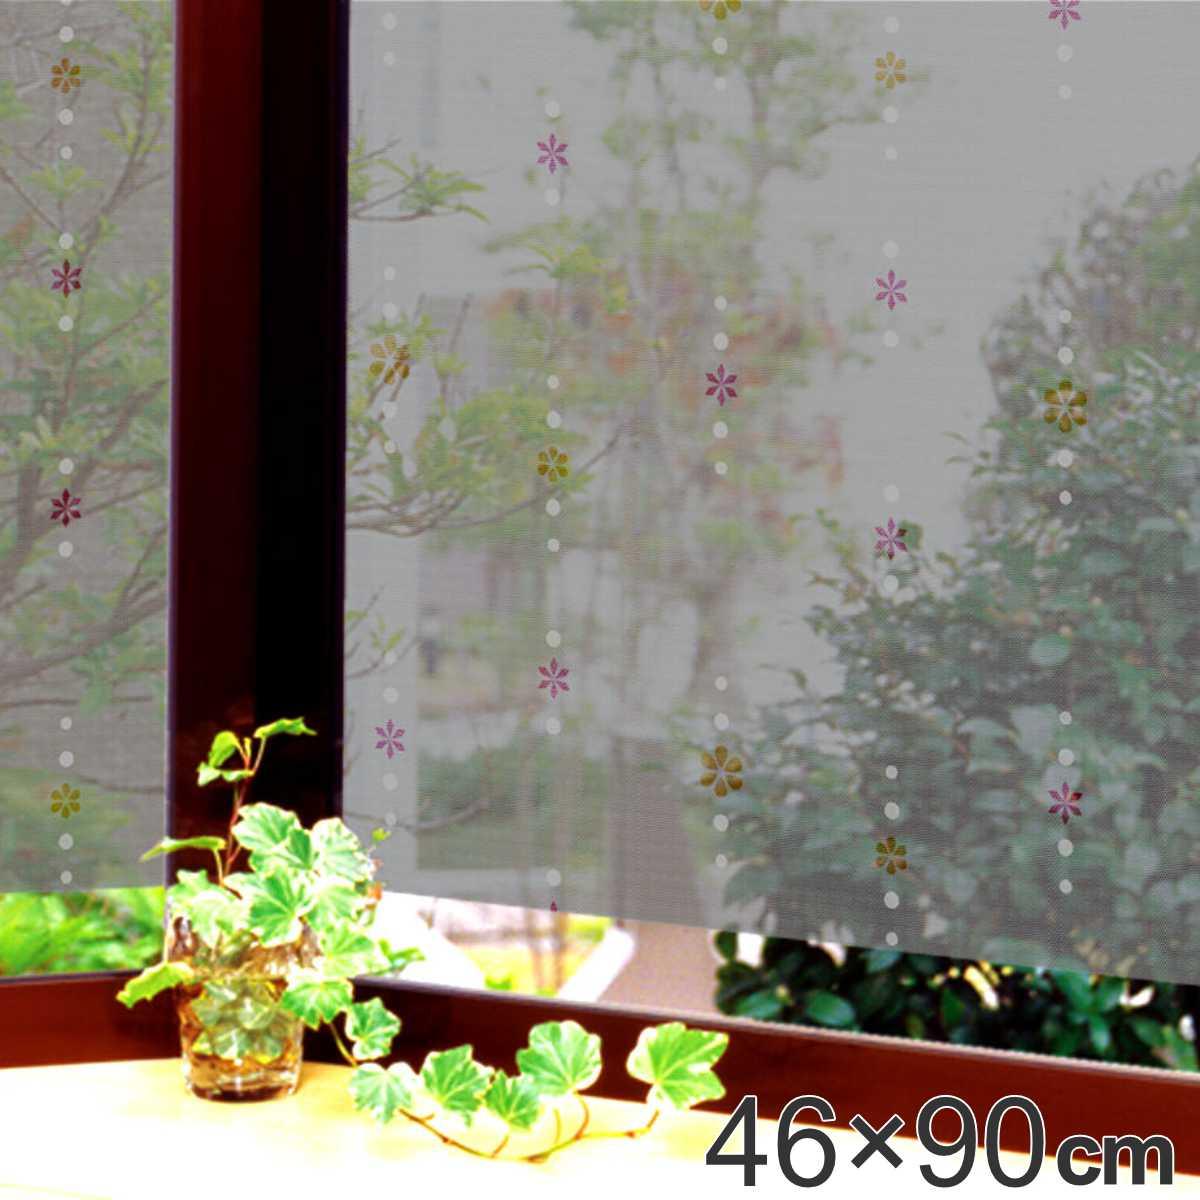 遮熱・断熱窓飾り 両面柄付 GCV-4671 46cm×90cm ( 遮熱シート 遮熱フィルム 遮光 窓 マド エコ 節電 ) 【4500円以上送料無料】